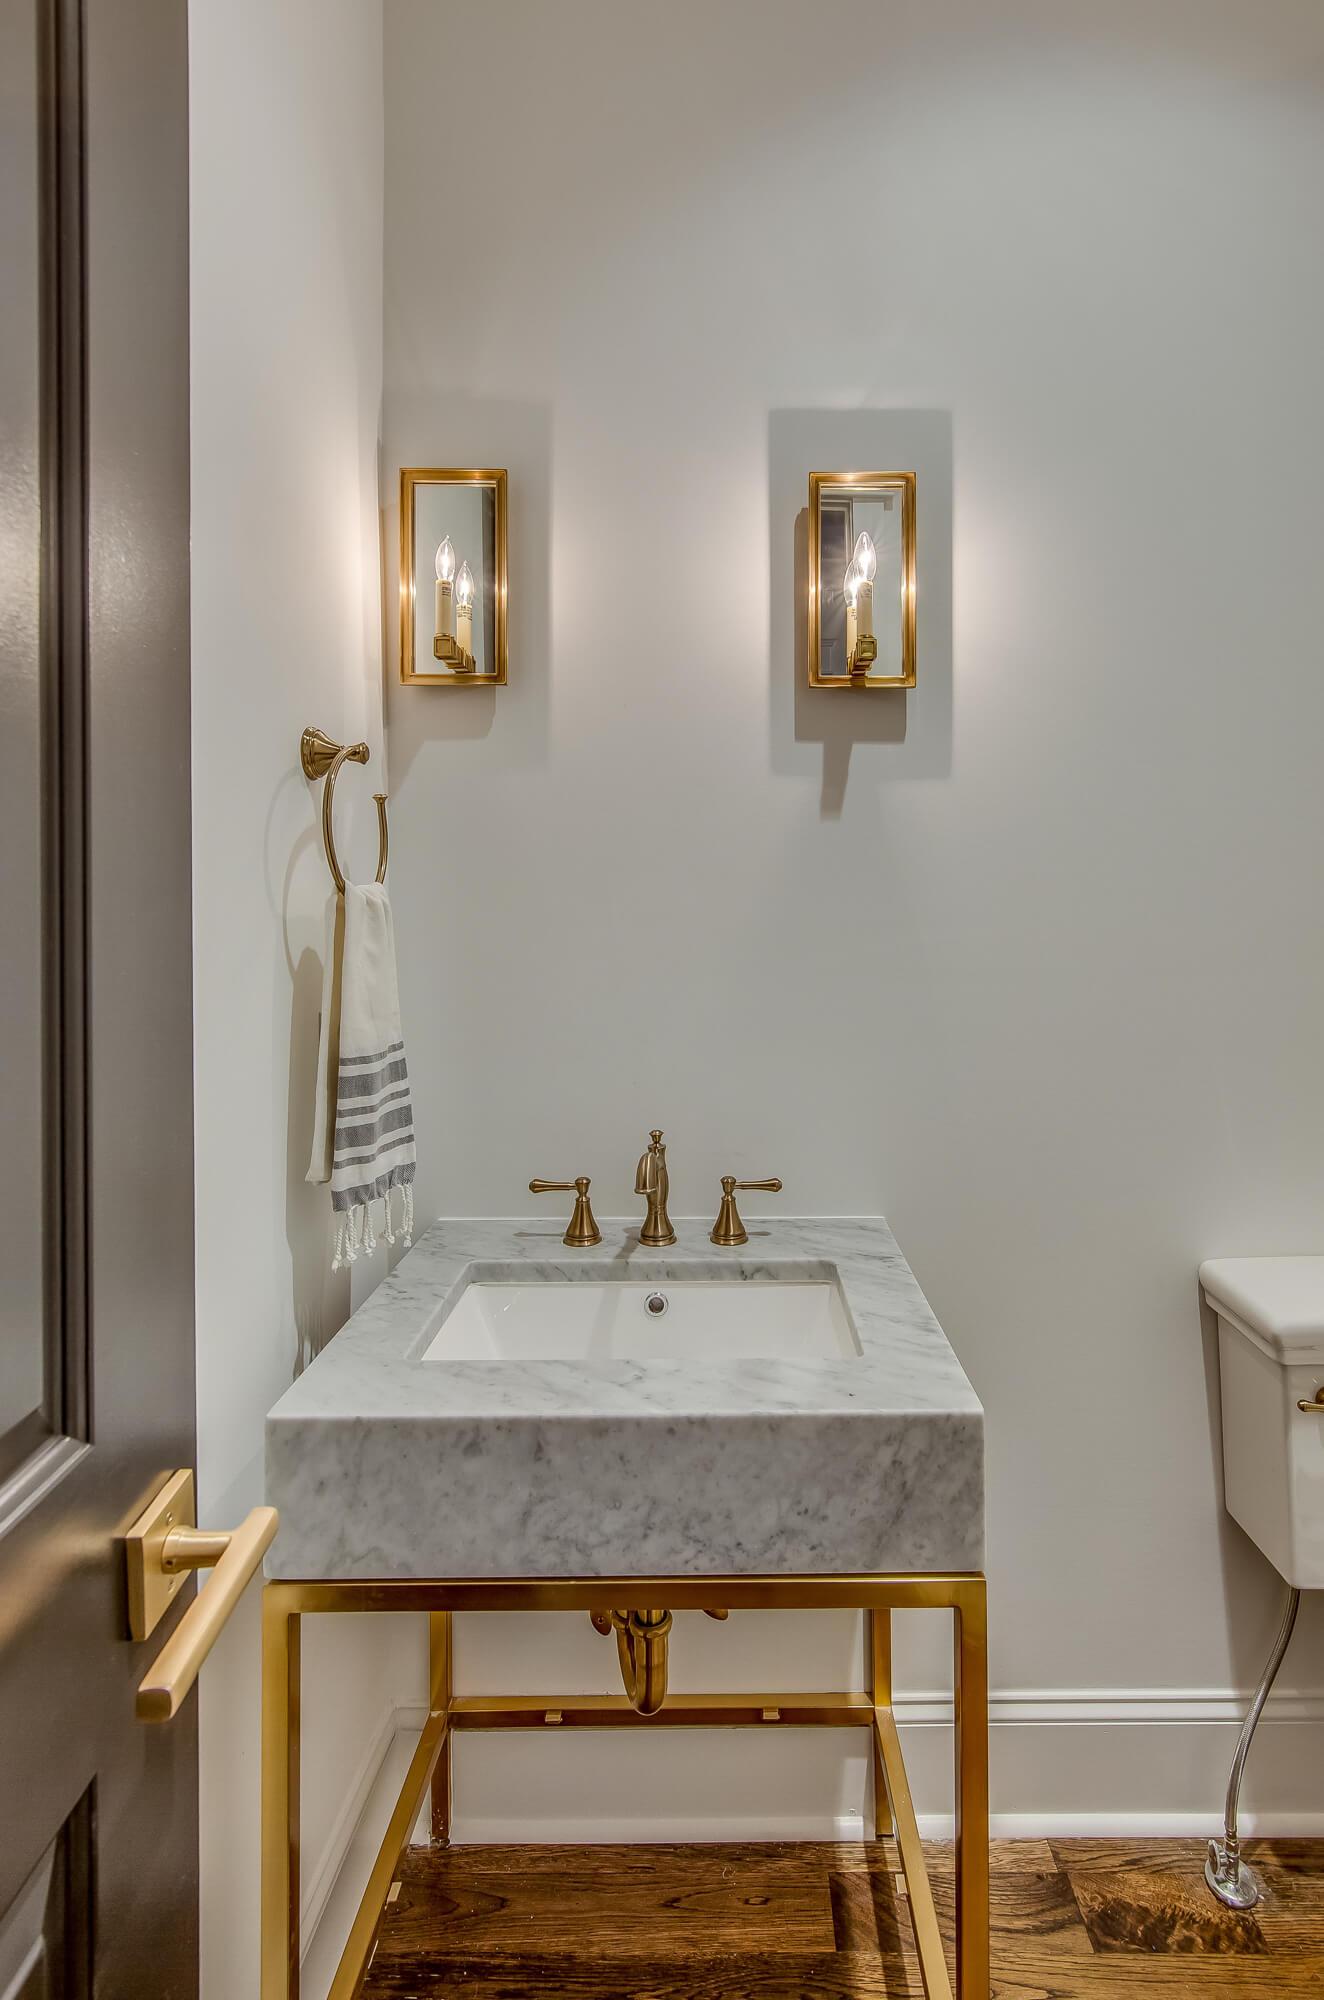 chandelier-development-nashville-tennessee-home-builder--19.jpg